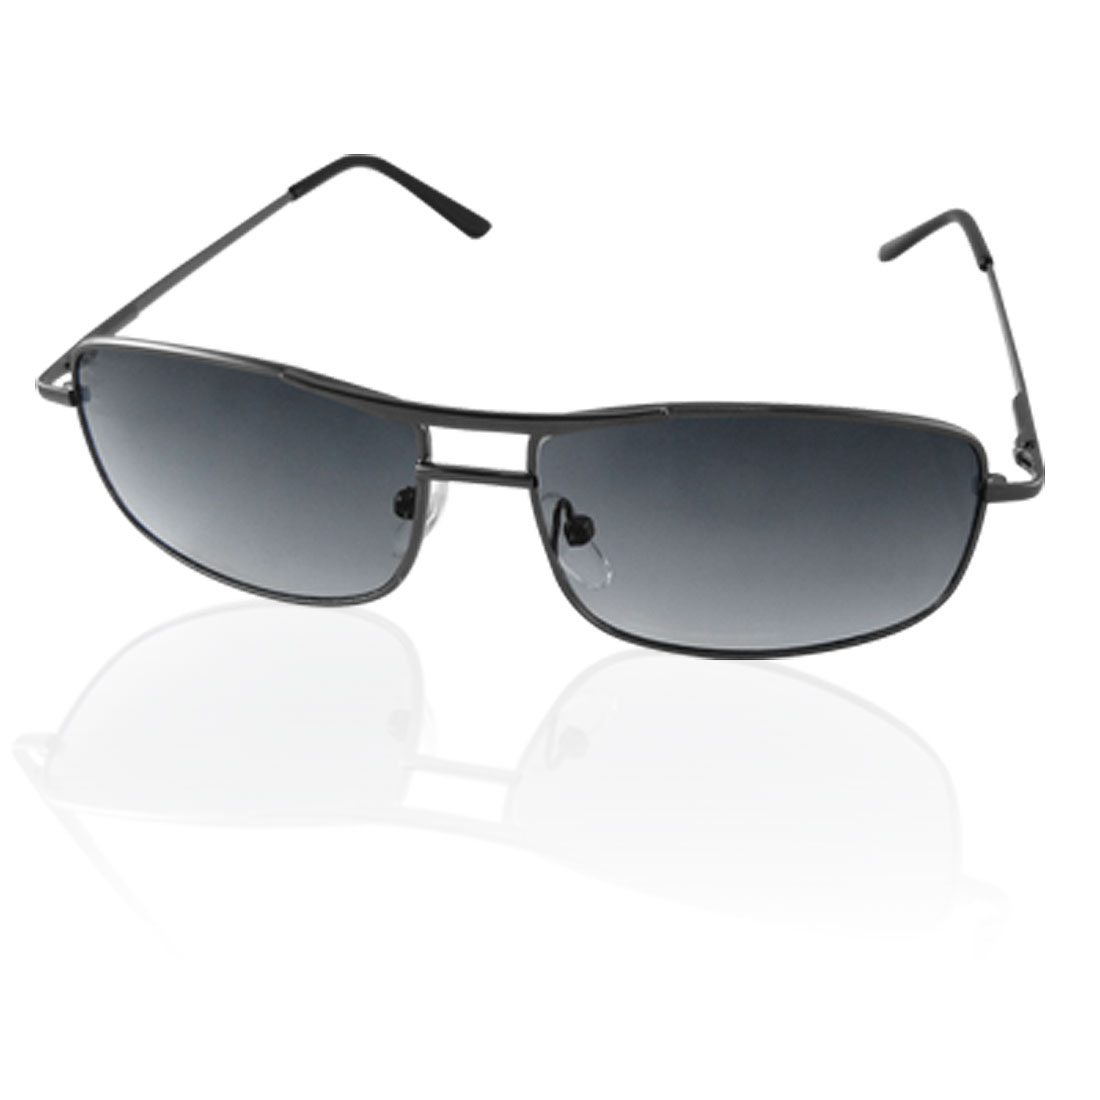 Clear Black Lens Metal Full Frames Sunglasses for Child